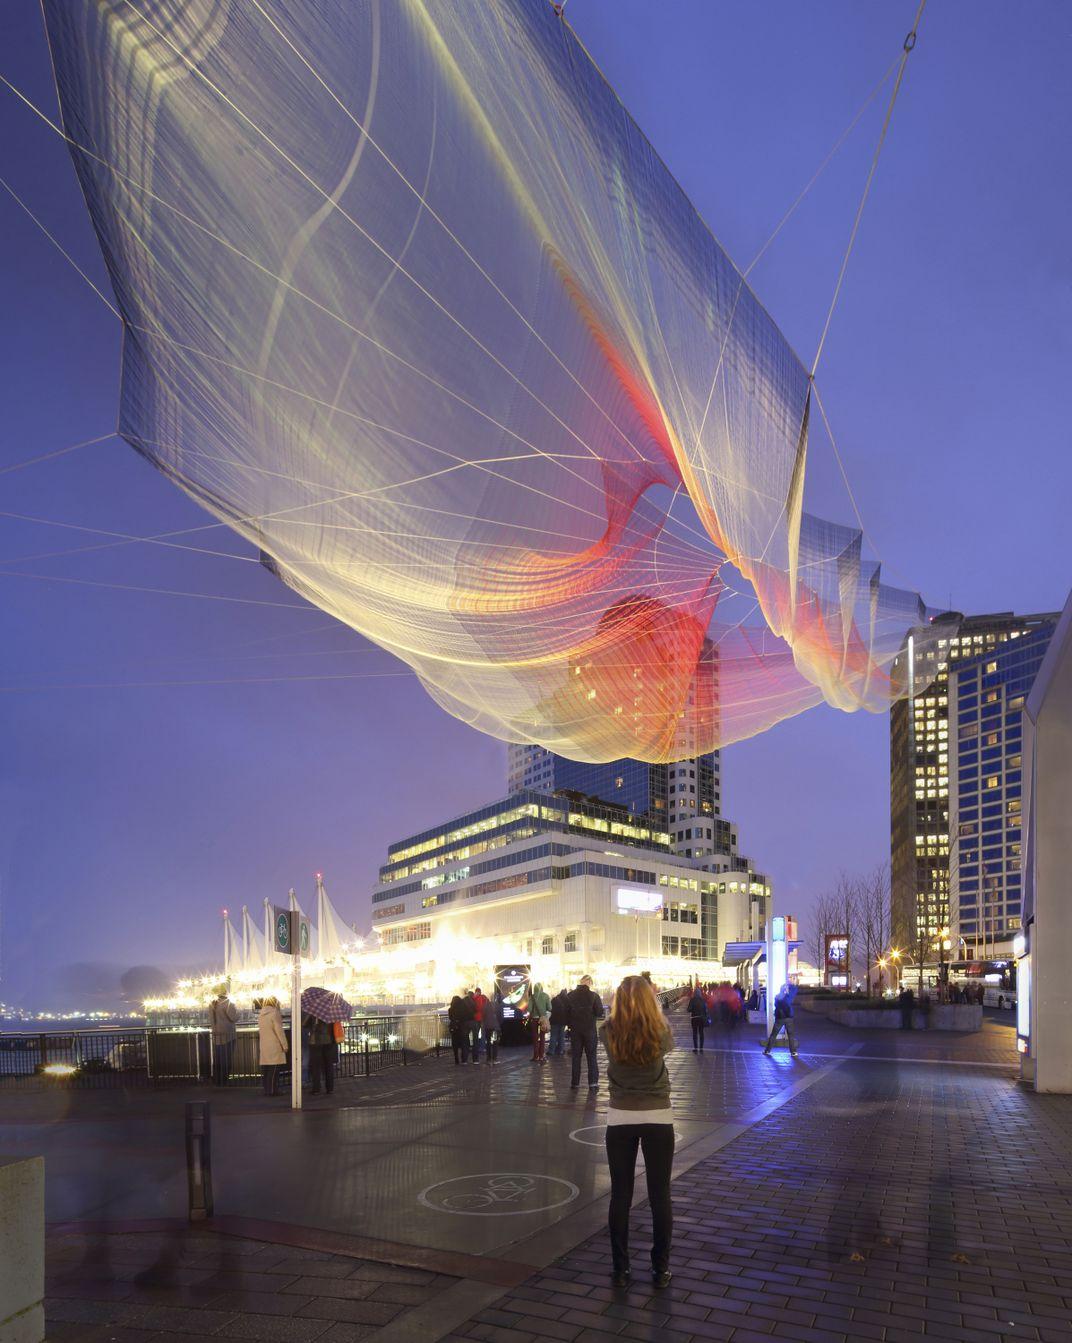 When Dazzling Art Transforms the Cityscape